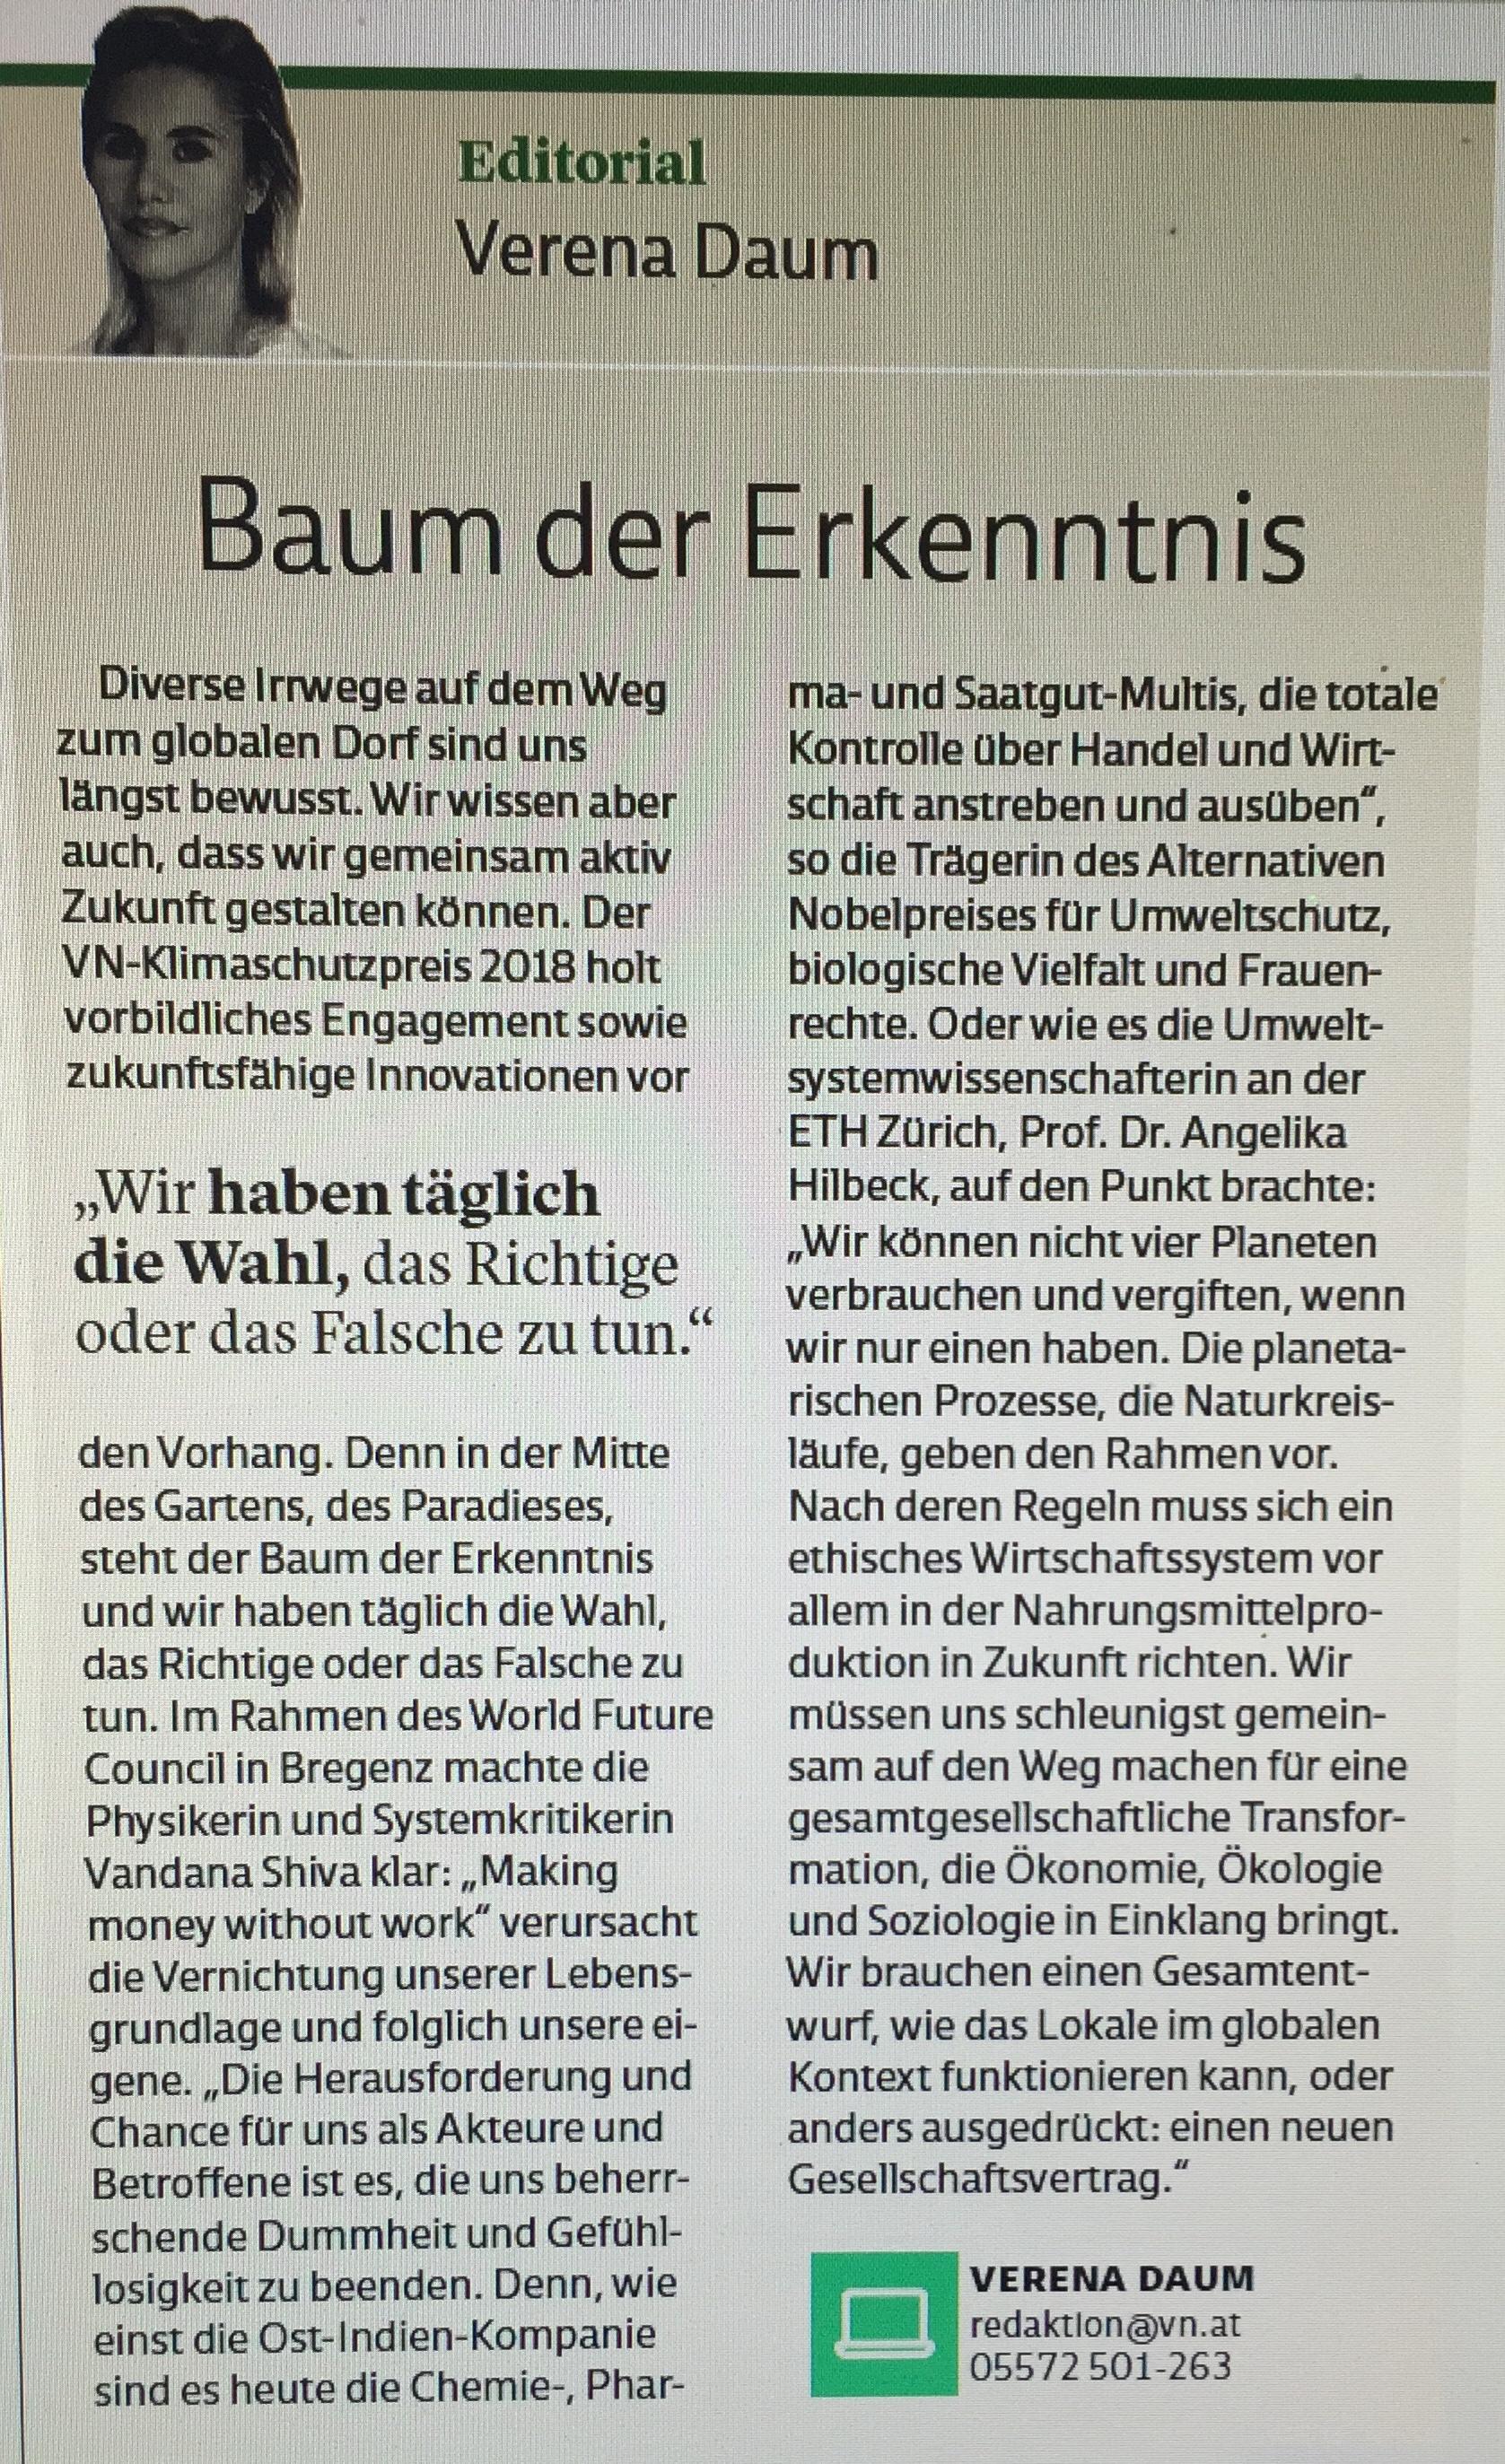 """Baum der Erkenntnis: """"Wir haben jeden Tag die Wahl das Richtige oder das Falsche zu tun."""" Verena Daum Projektleitung VN-Klimaschutzpreis 2018 Vorarlberger Nachrichten, www.progression.at, Garden Eden Organisation"""